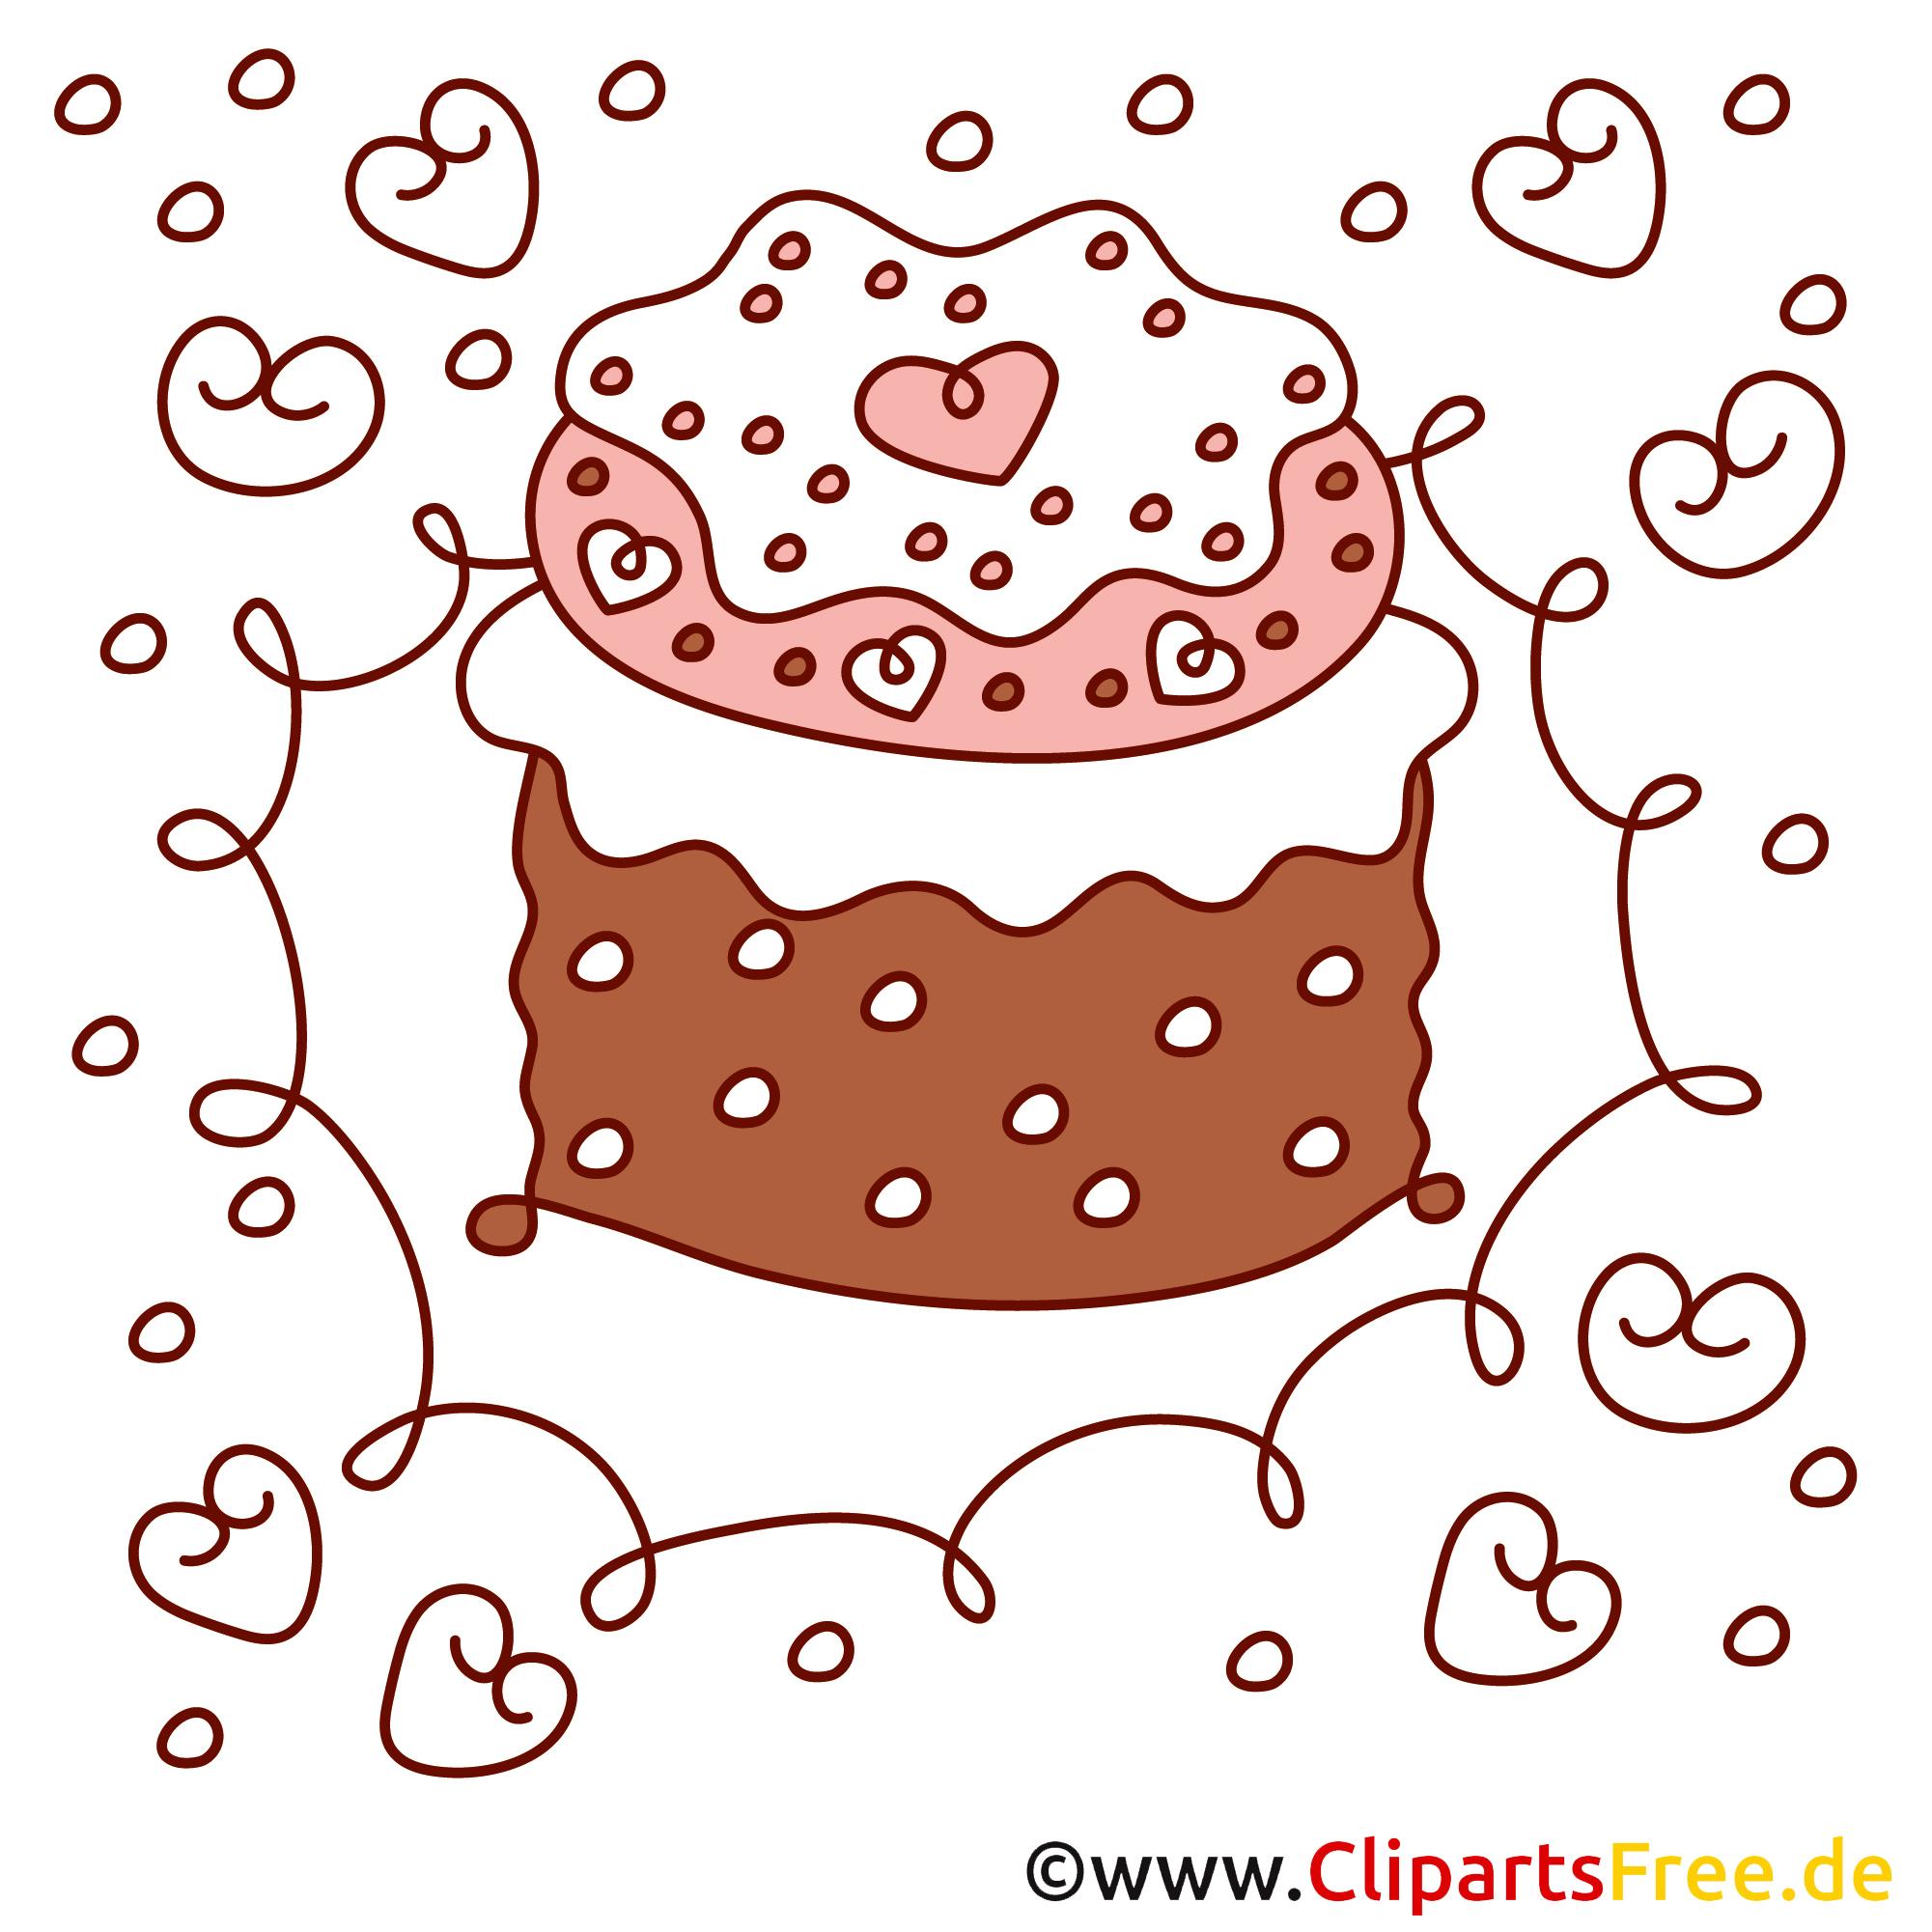 Geburtstagsbilder kostenlos - Clip Art free